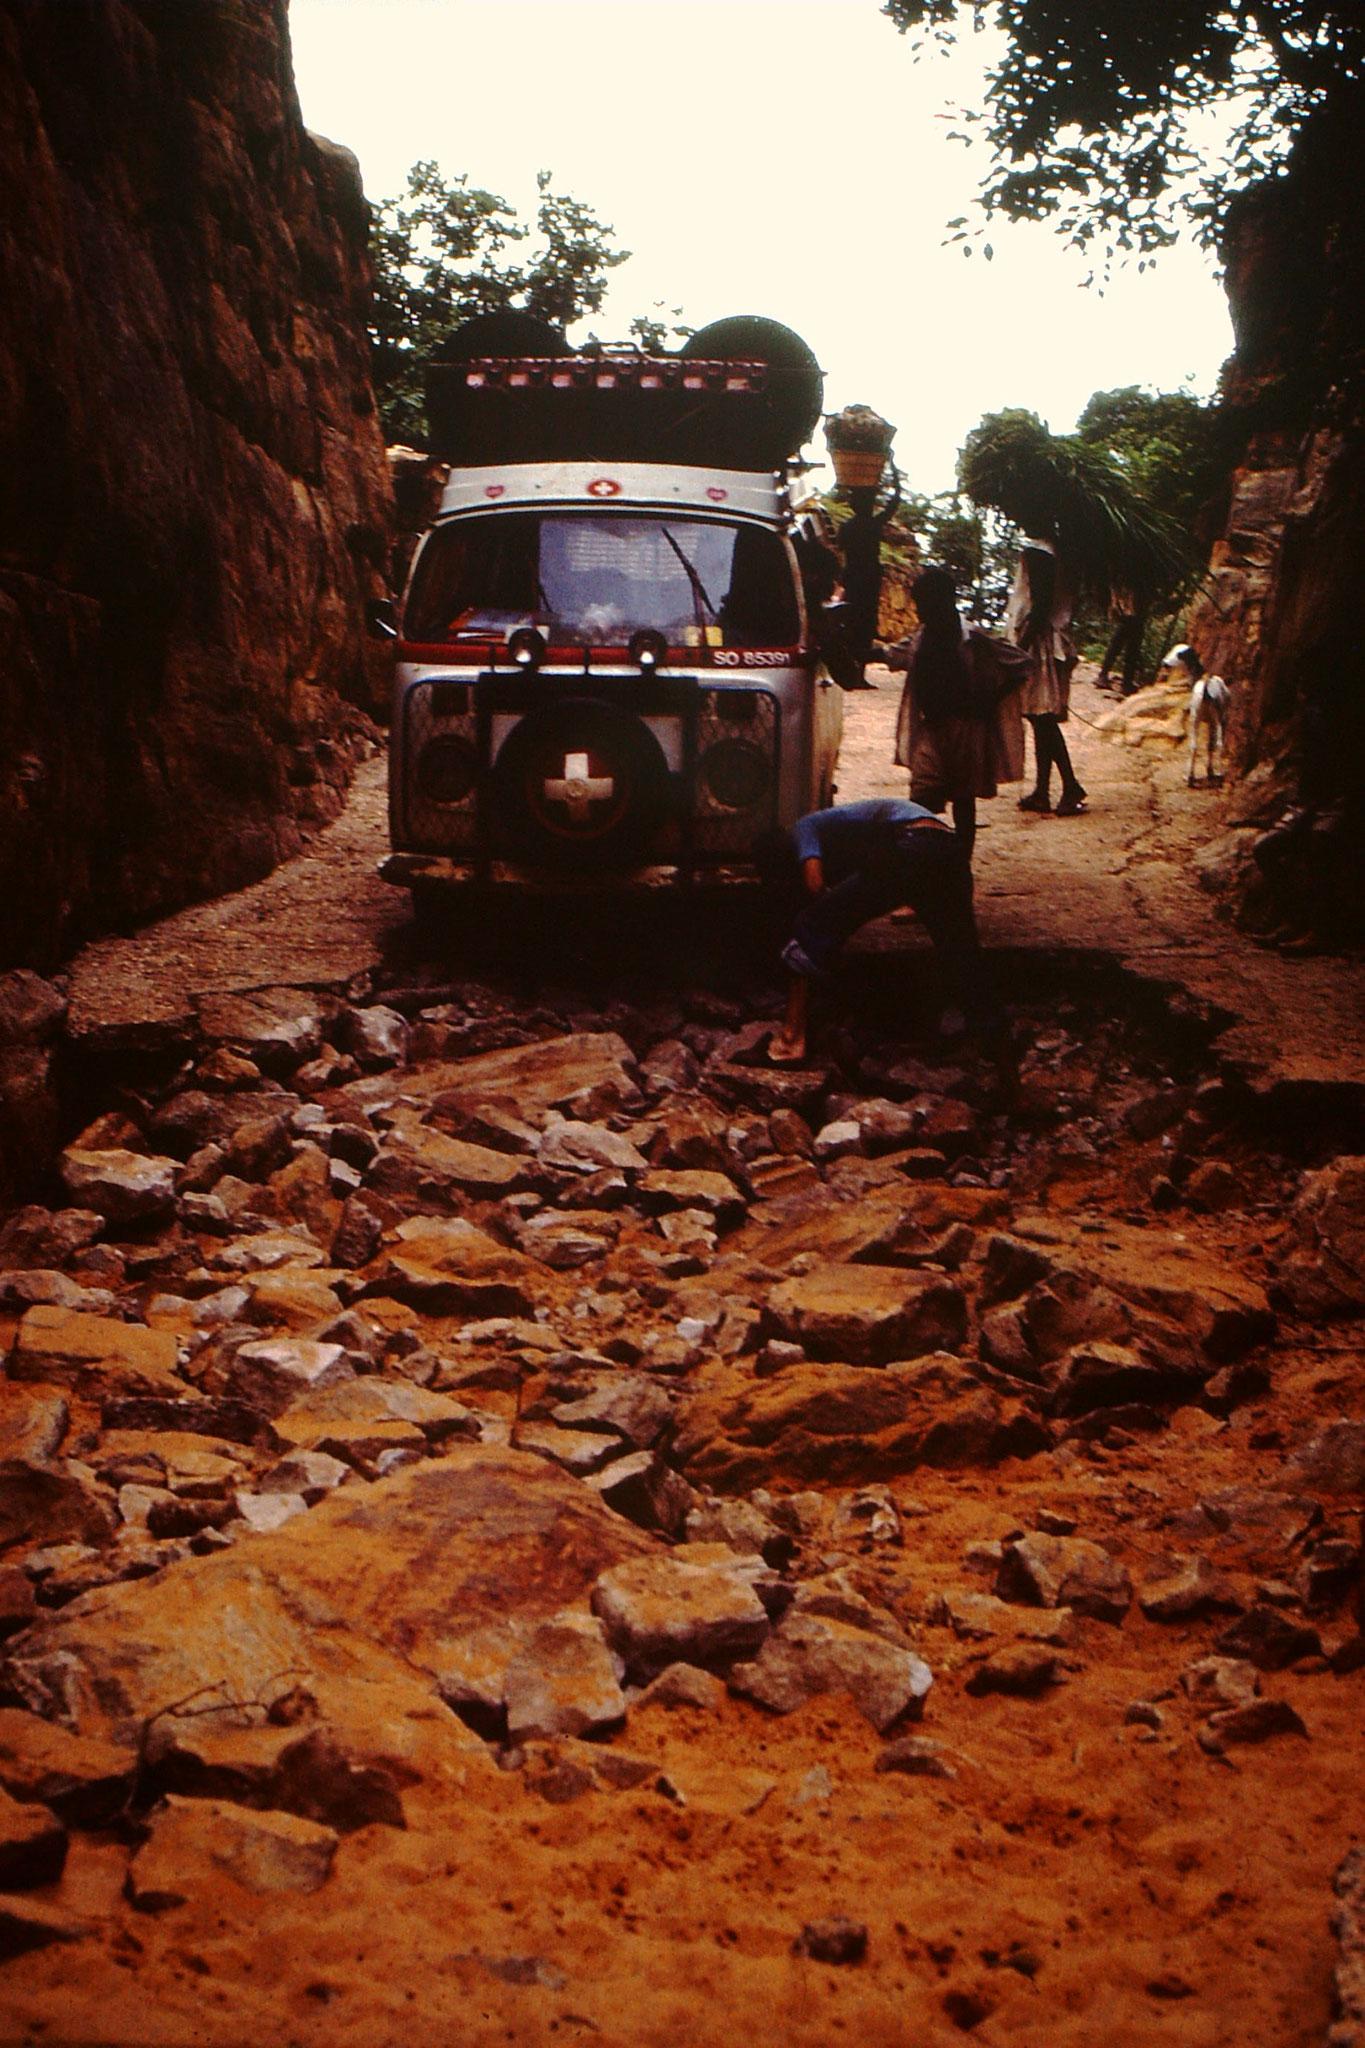 Der Weg nach unten war zwar Betoniert, hatte aber keine Armierungseisen darin. An vielen Orten fehlte der Belag. Steine wurden nun mühsam unter die Räder gelegt. Die letzten etwa fünfundert Meter war nur noch Sand. Weil es aber abwärts ging bewältigte